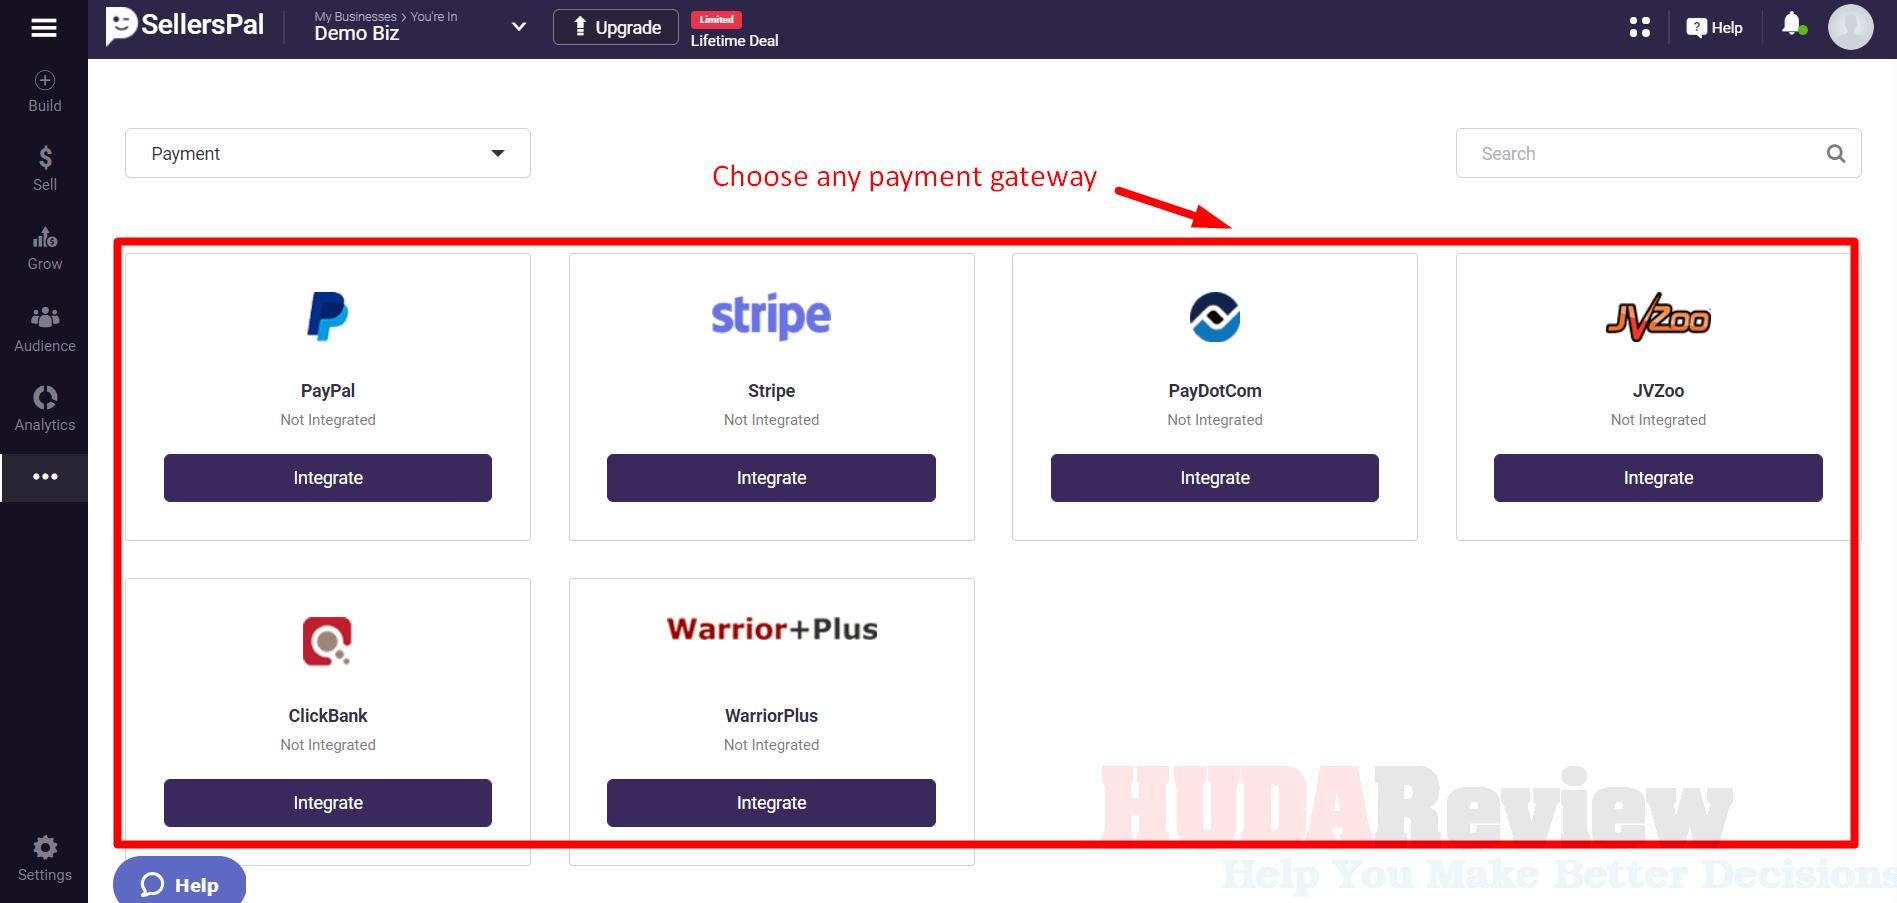 SellersPal-Step-2-2